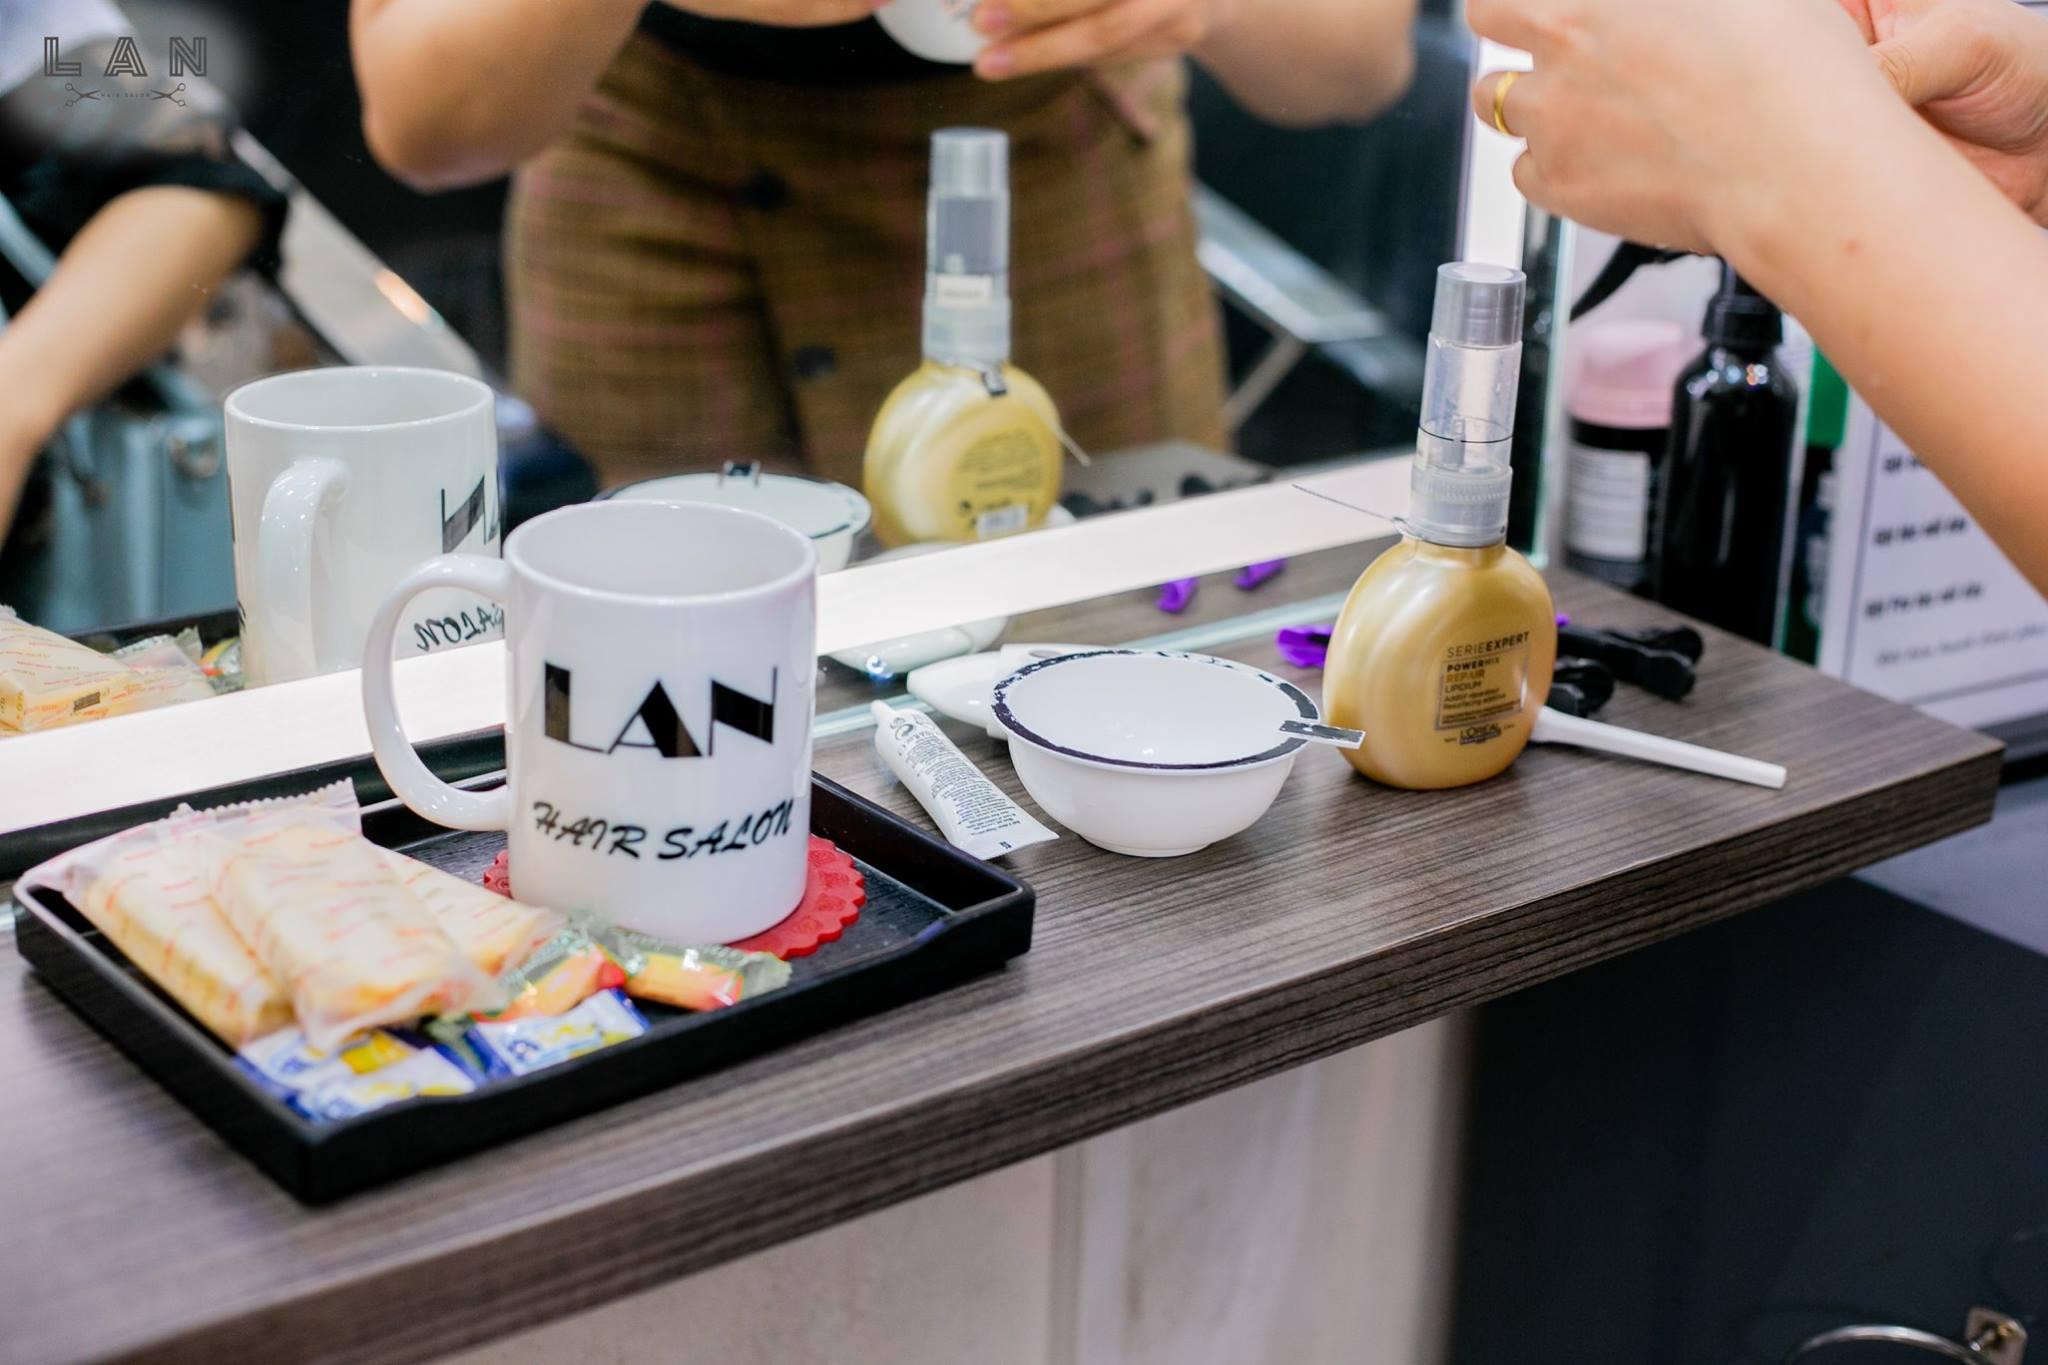 bên trong Lan Hair Salon 1